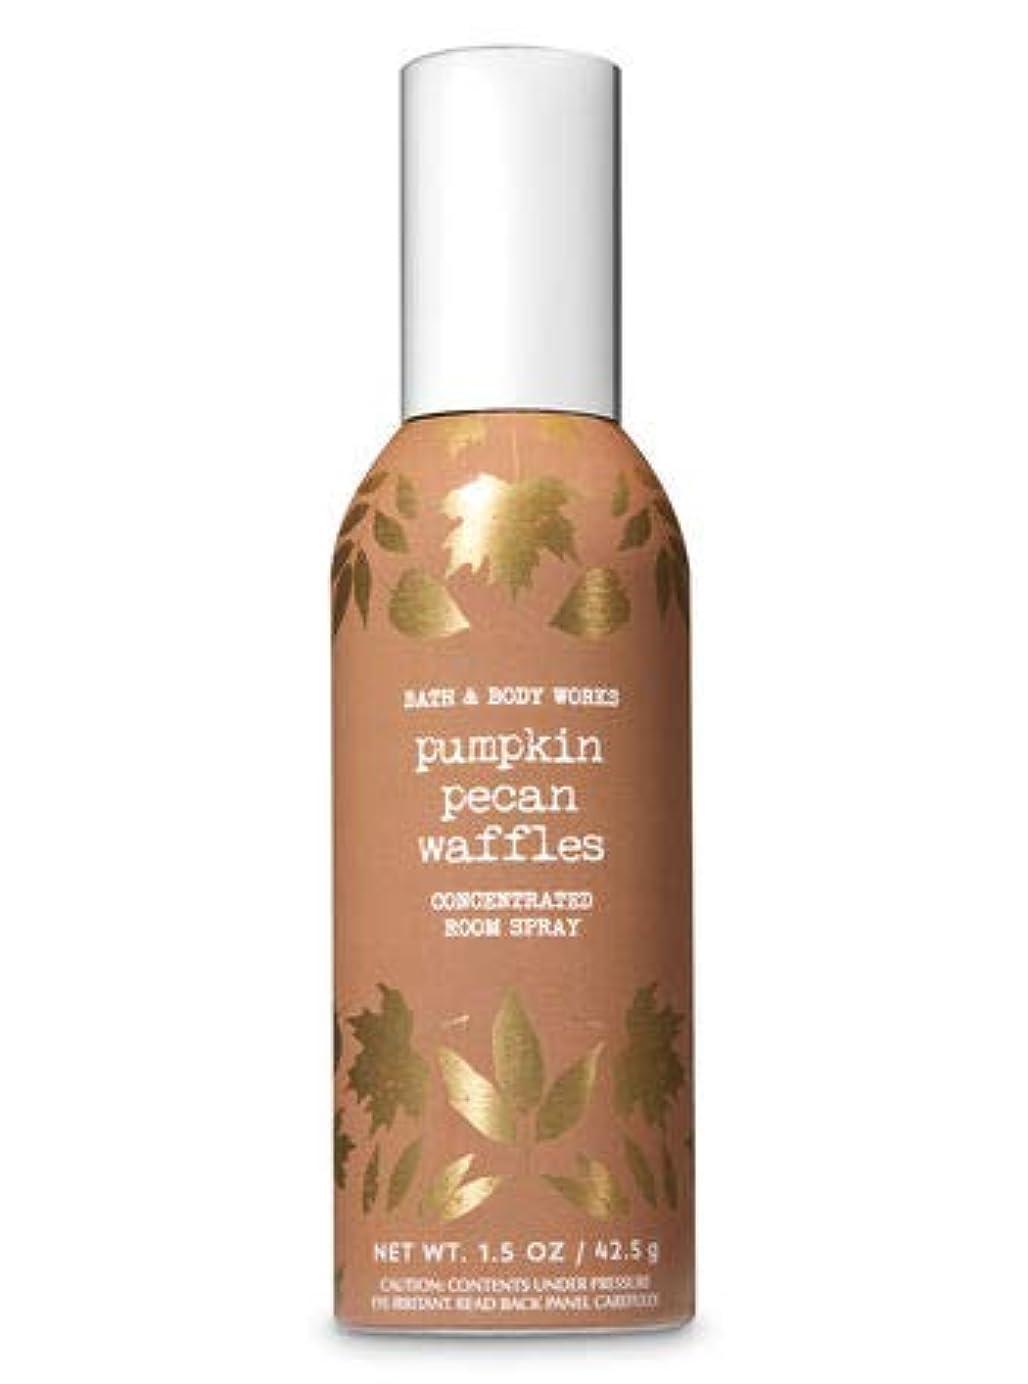 餌奇跡的な快い【Bath&Body Works/バス&ボディワークス】 ルームスプレー パンプキンピーカンワッフル 1.5 oz. Concentrated Room Spray/Room Perfume Pumpkin Pecan Waffles [並行輸入品]